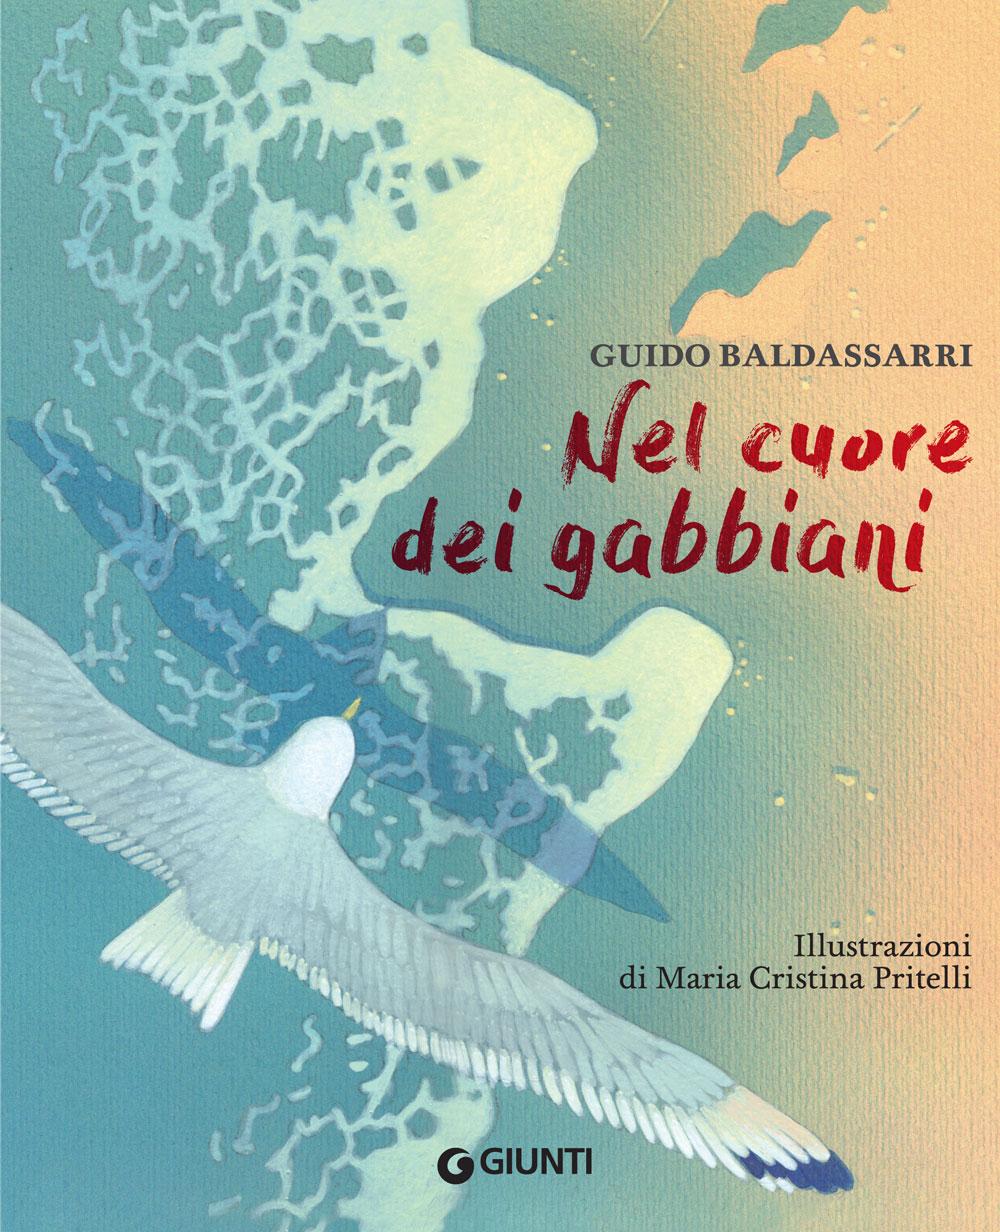 Nel cuore dei gabbiani (In the heart of gulls)